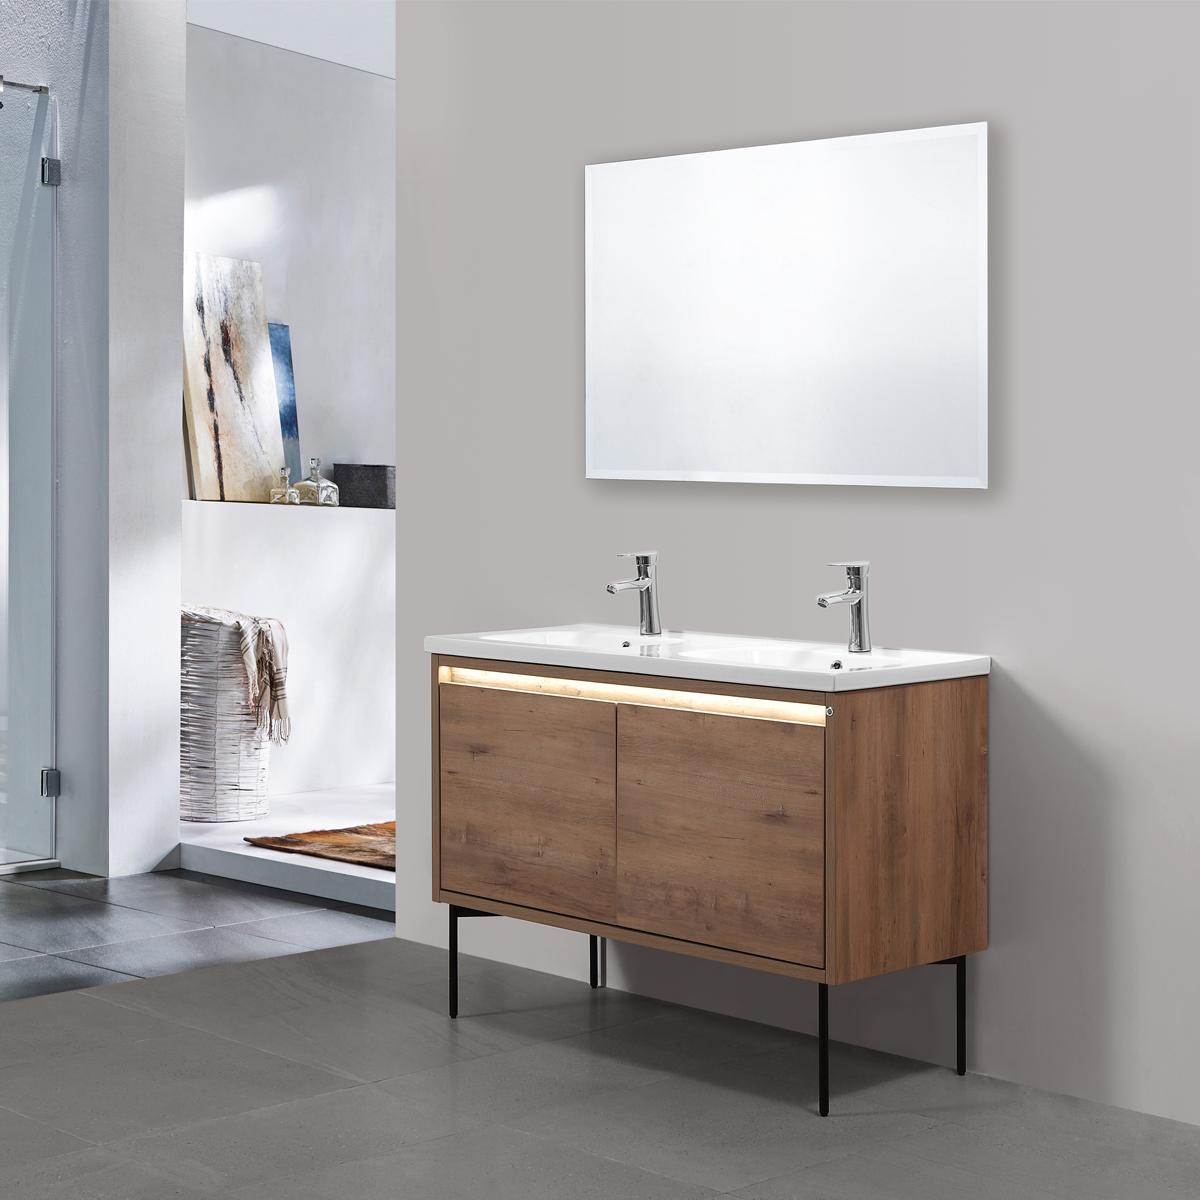 Art Duo | Mueble de baño con luz